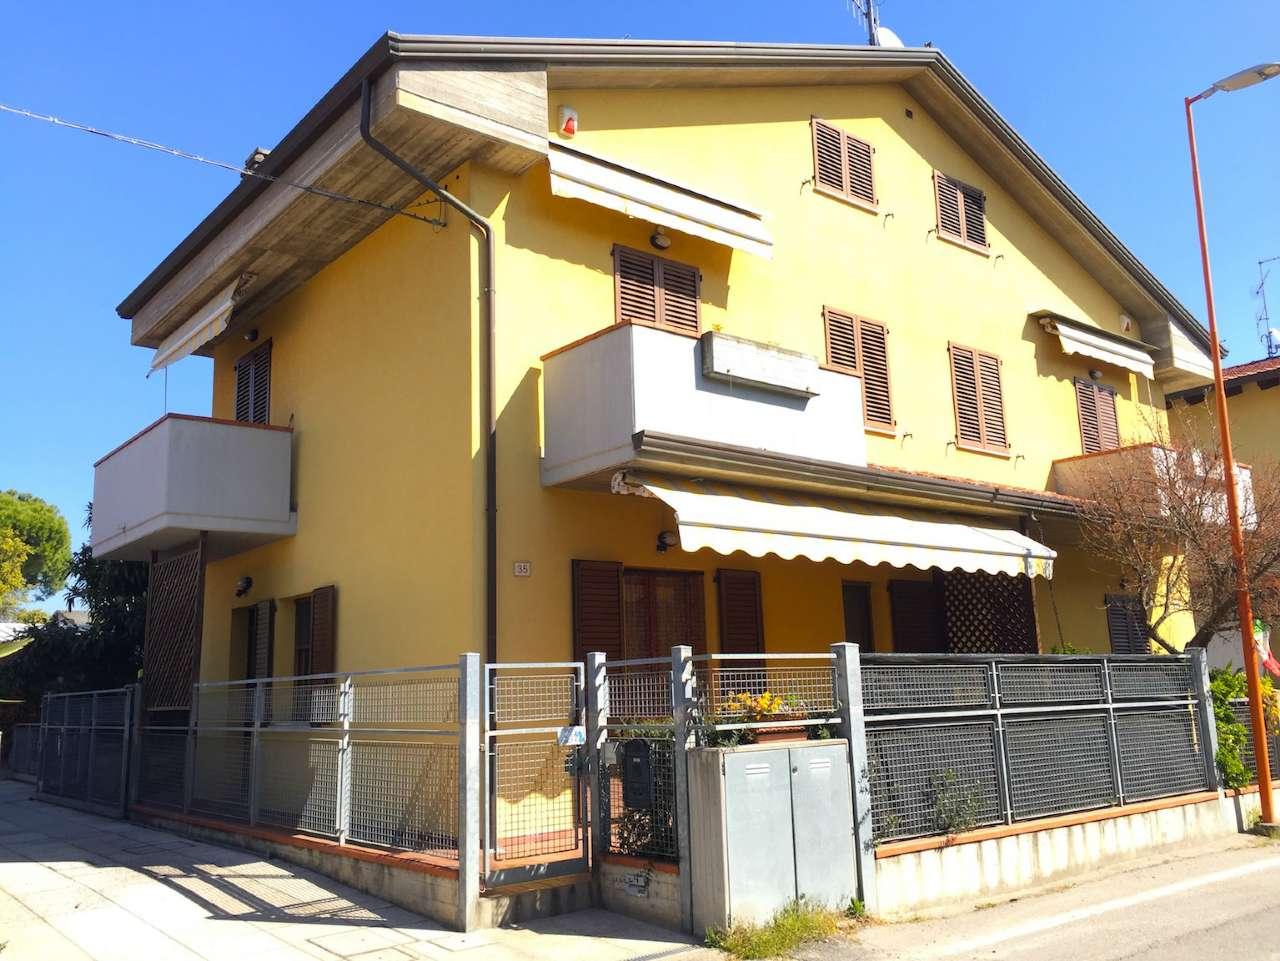 Soluzione Indipendente in vendita a Cesena, 4 locali, prezzo € 280.000 | Cambio Casa.it